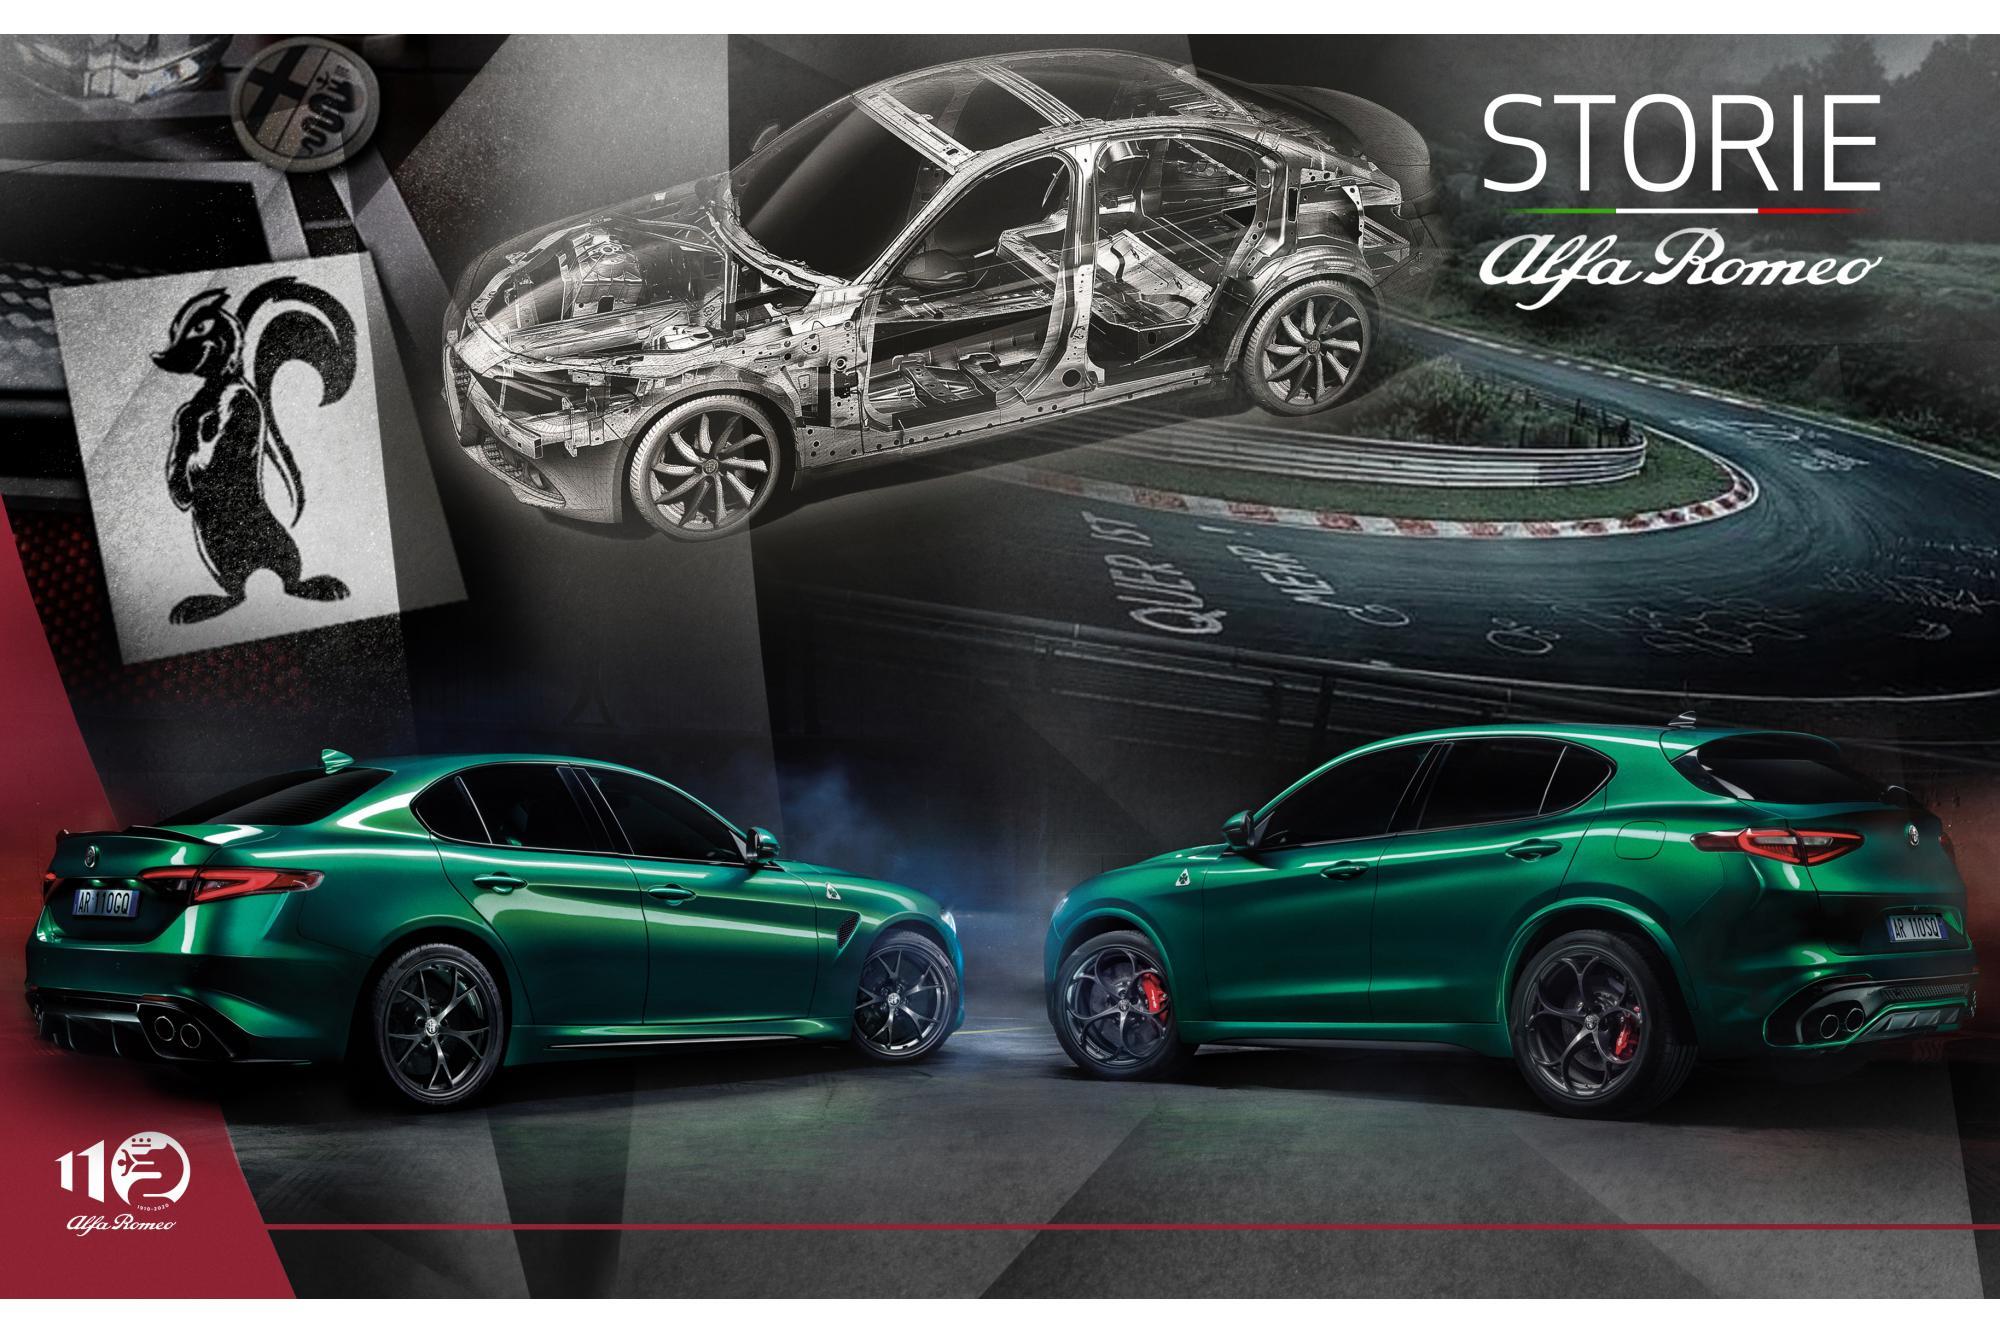 Ιστορίες της Alfa Romeo δέκατο επεισόδιο